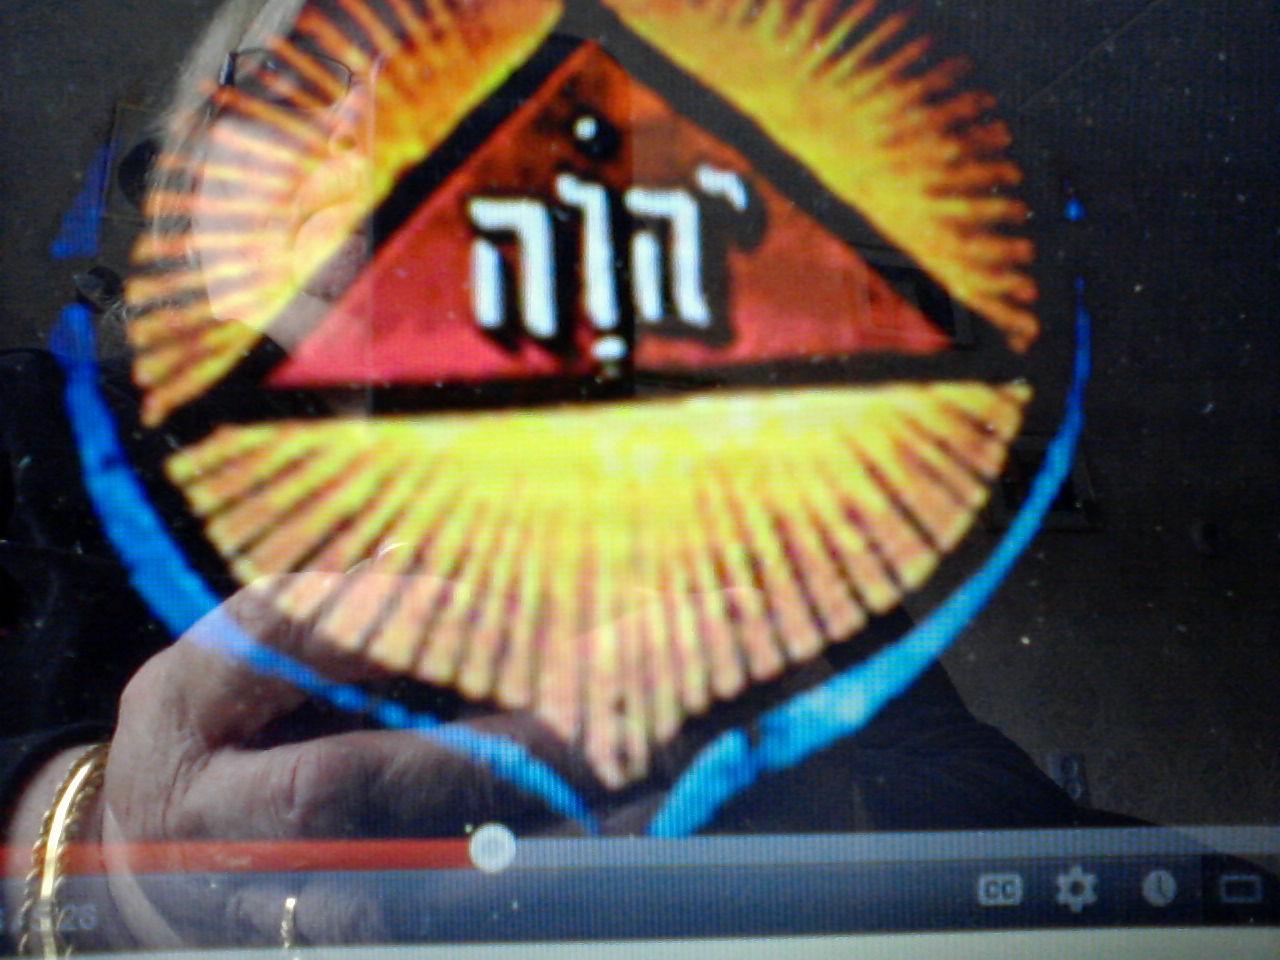 129002=7190-JEHOVAHS NAAM IN GEBOUWEN EN